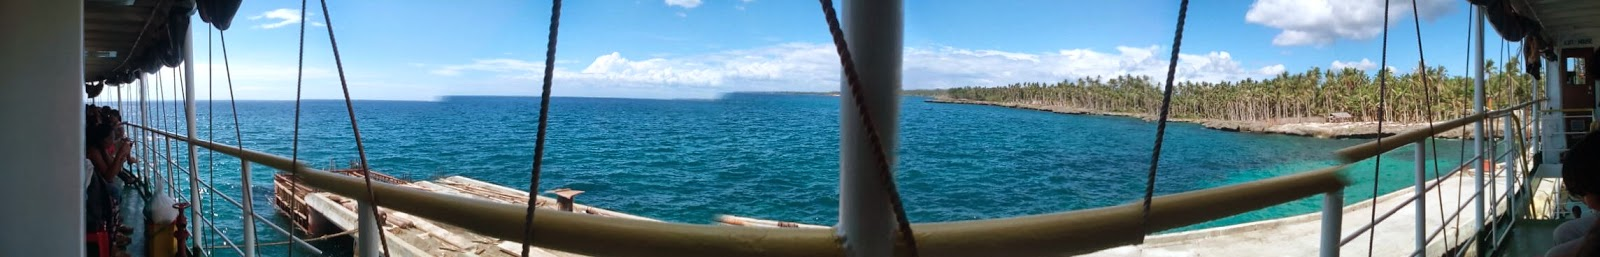 Consuelo Port Camotes Cebu